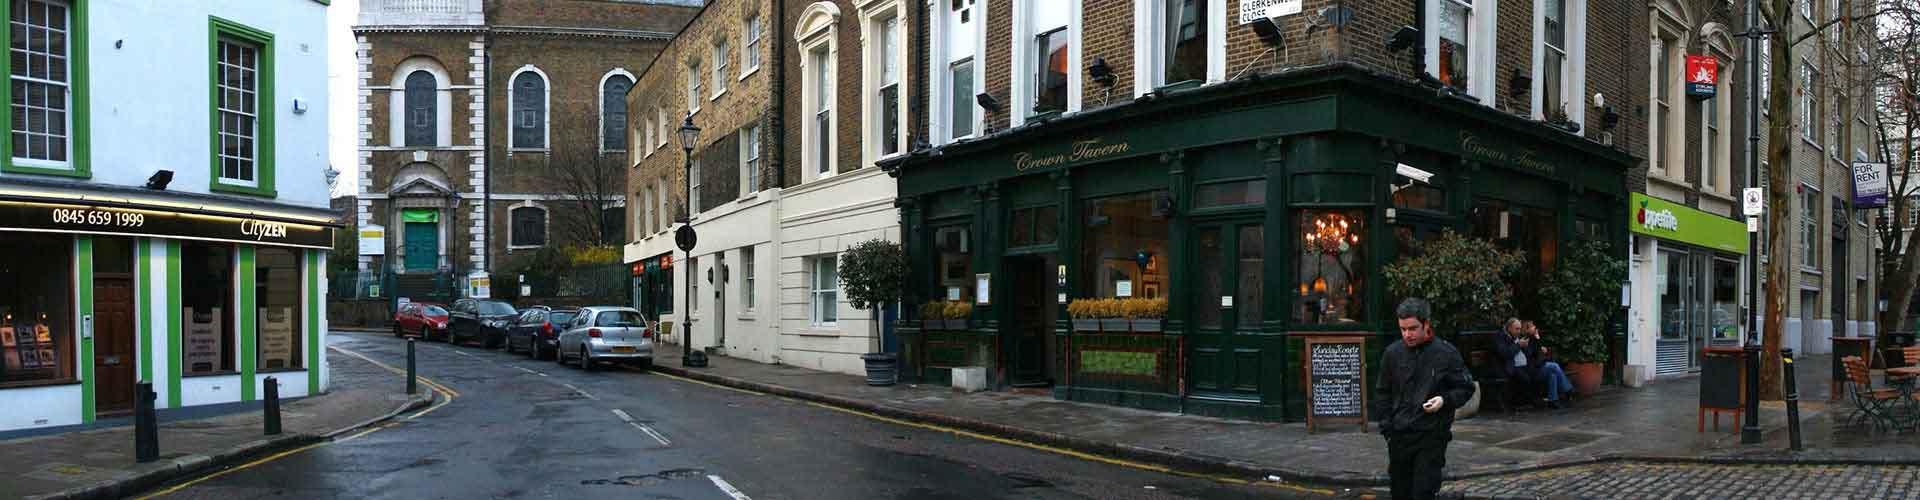 런던 - Clerkenwell지역에 위치한 호스텔. 런던의 지도, 런던에 위치한 호스텔에 대한 사진 및 리뷰.